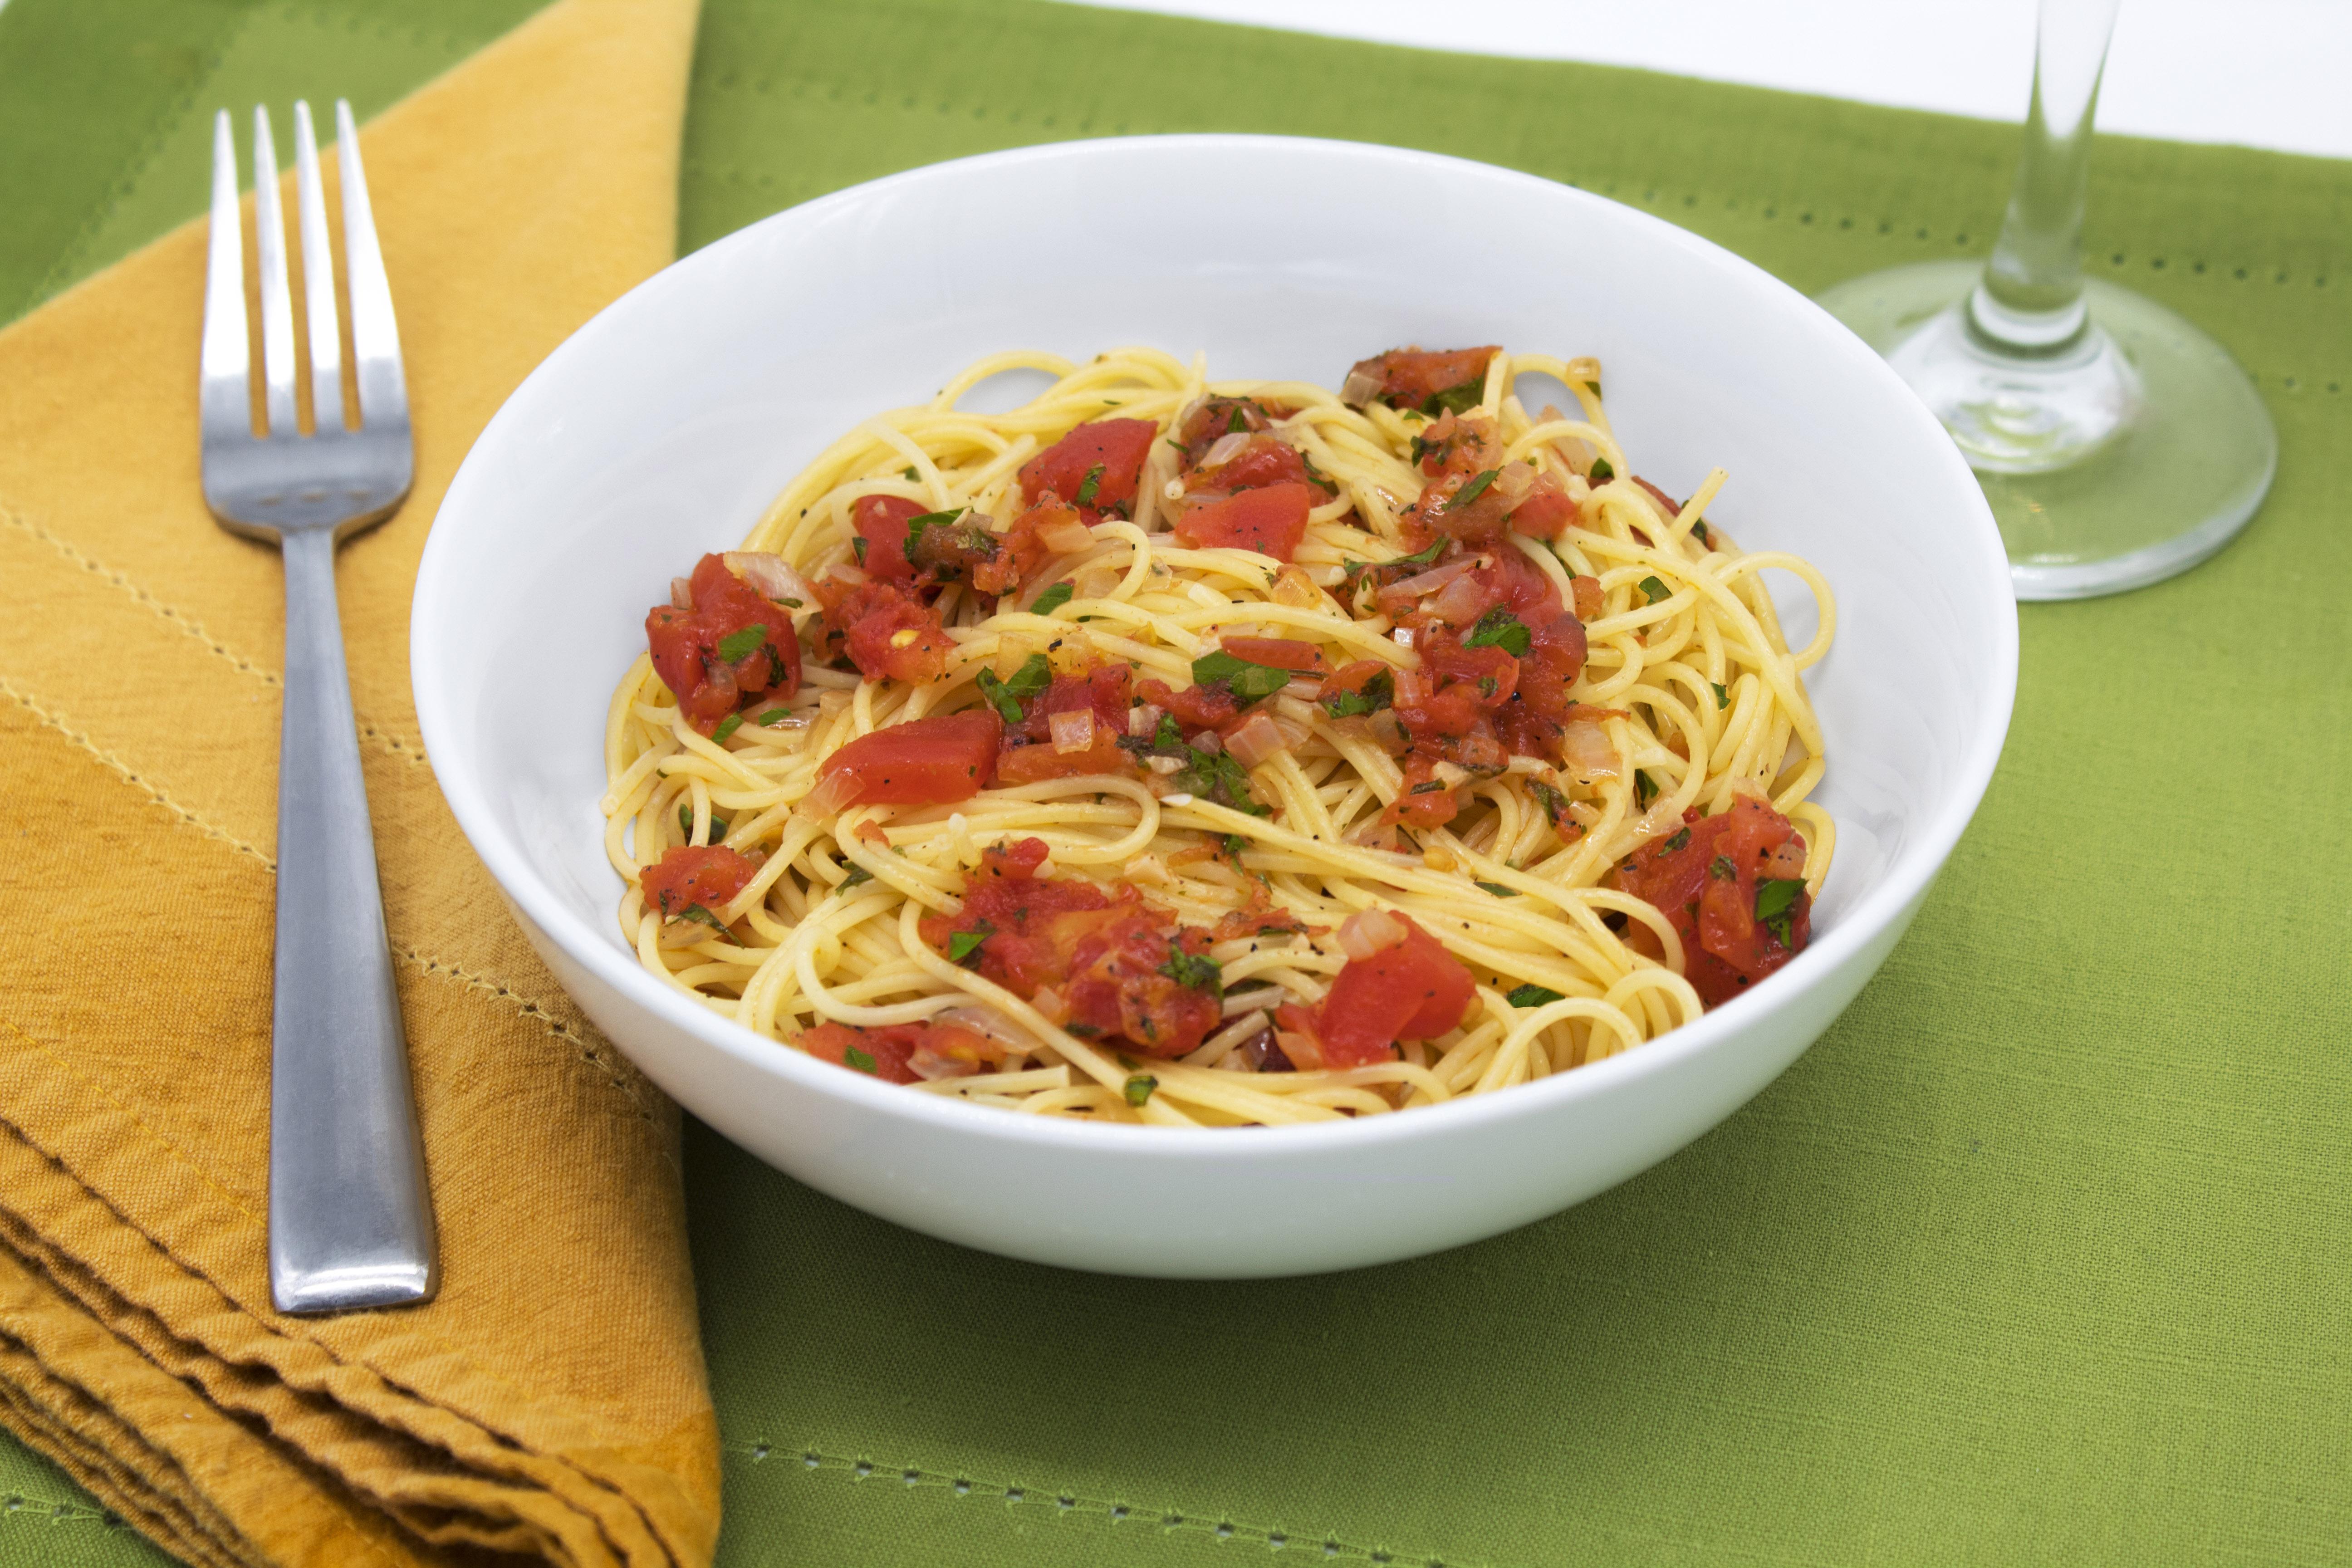 Angel hair marinara with tomatoes, garlic, basil, and fresh parsley